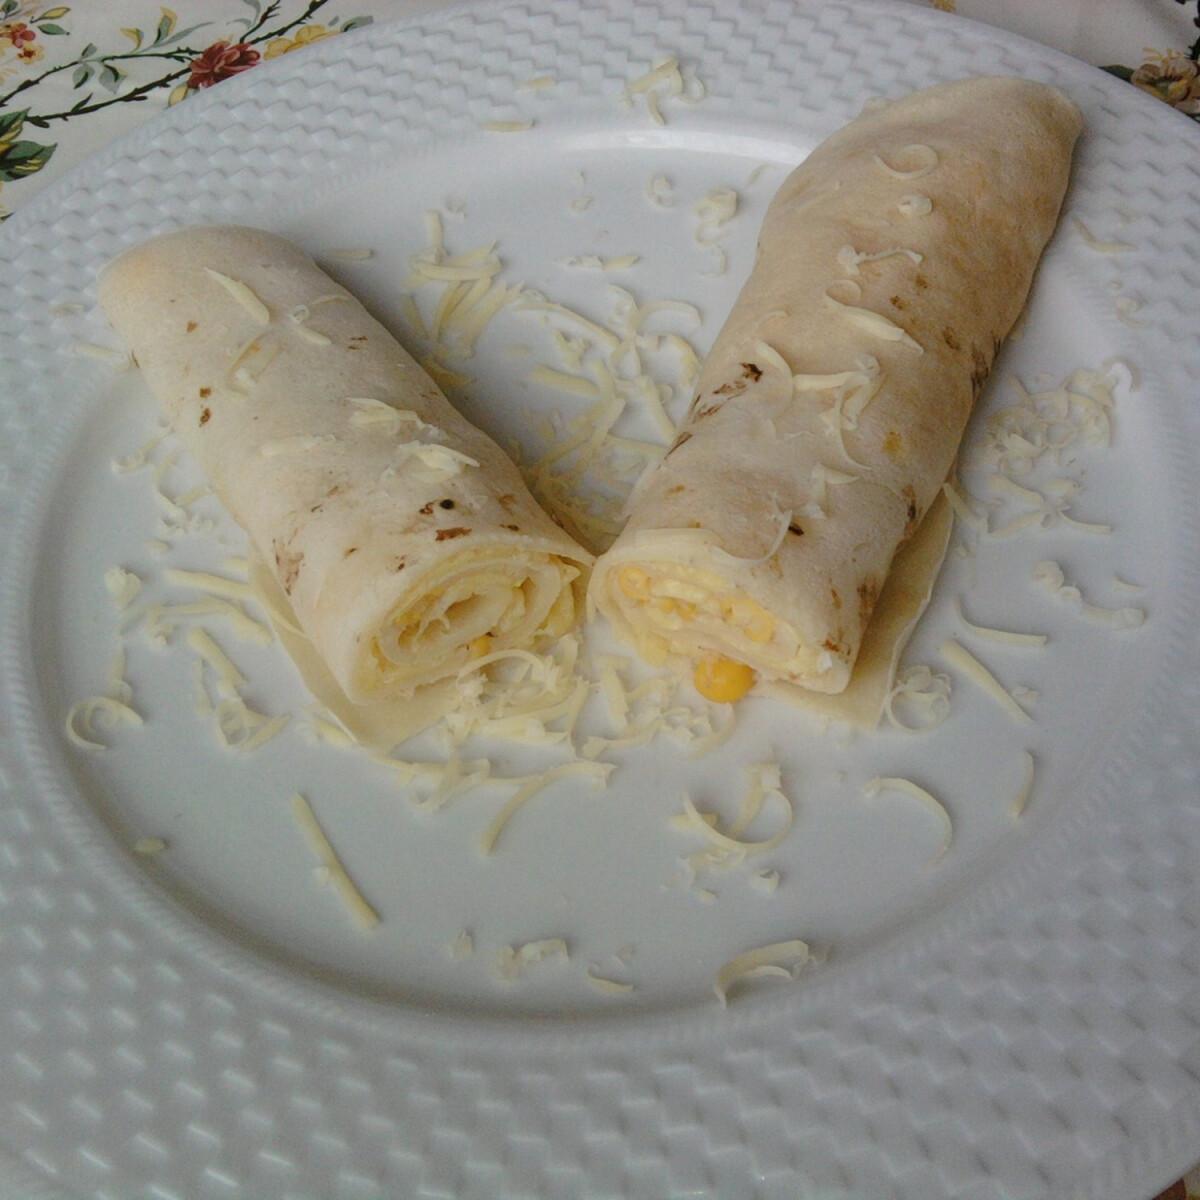 Ezen a képen: Kukoricás palacsinta KittusCa konyhájából